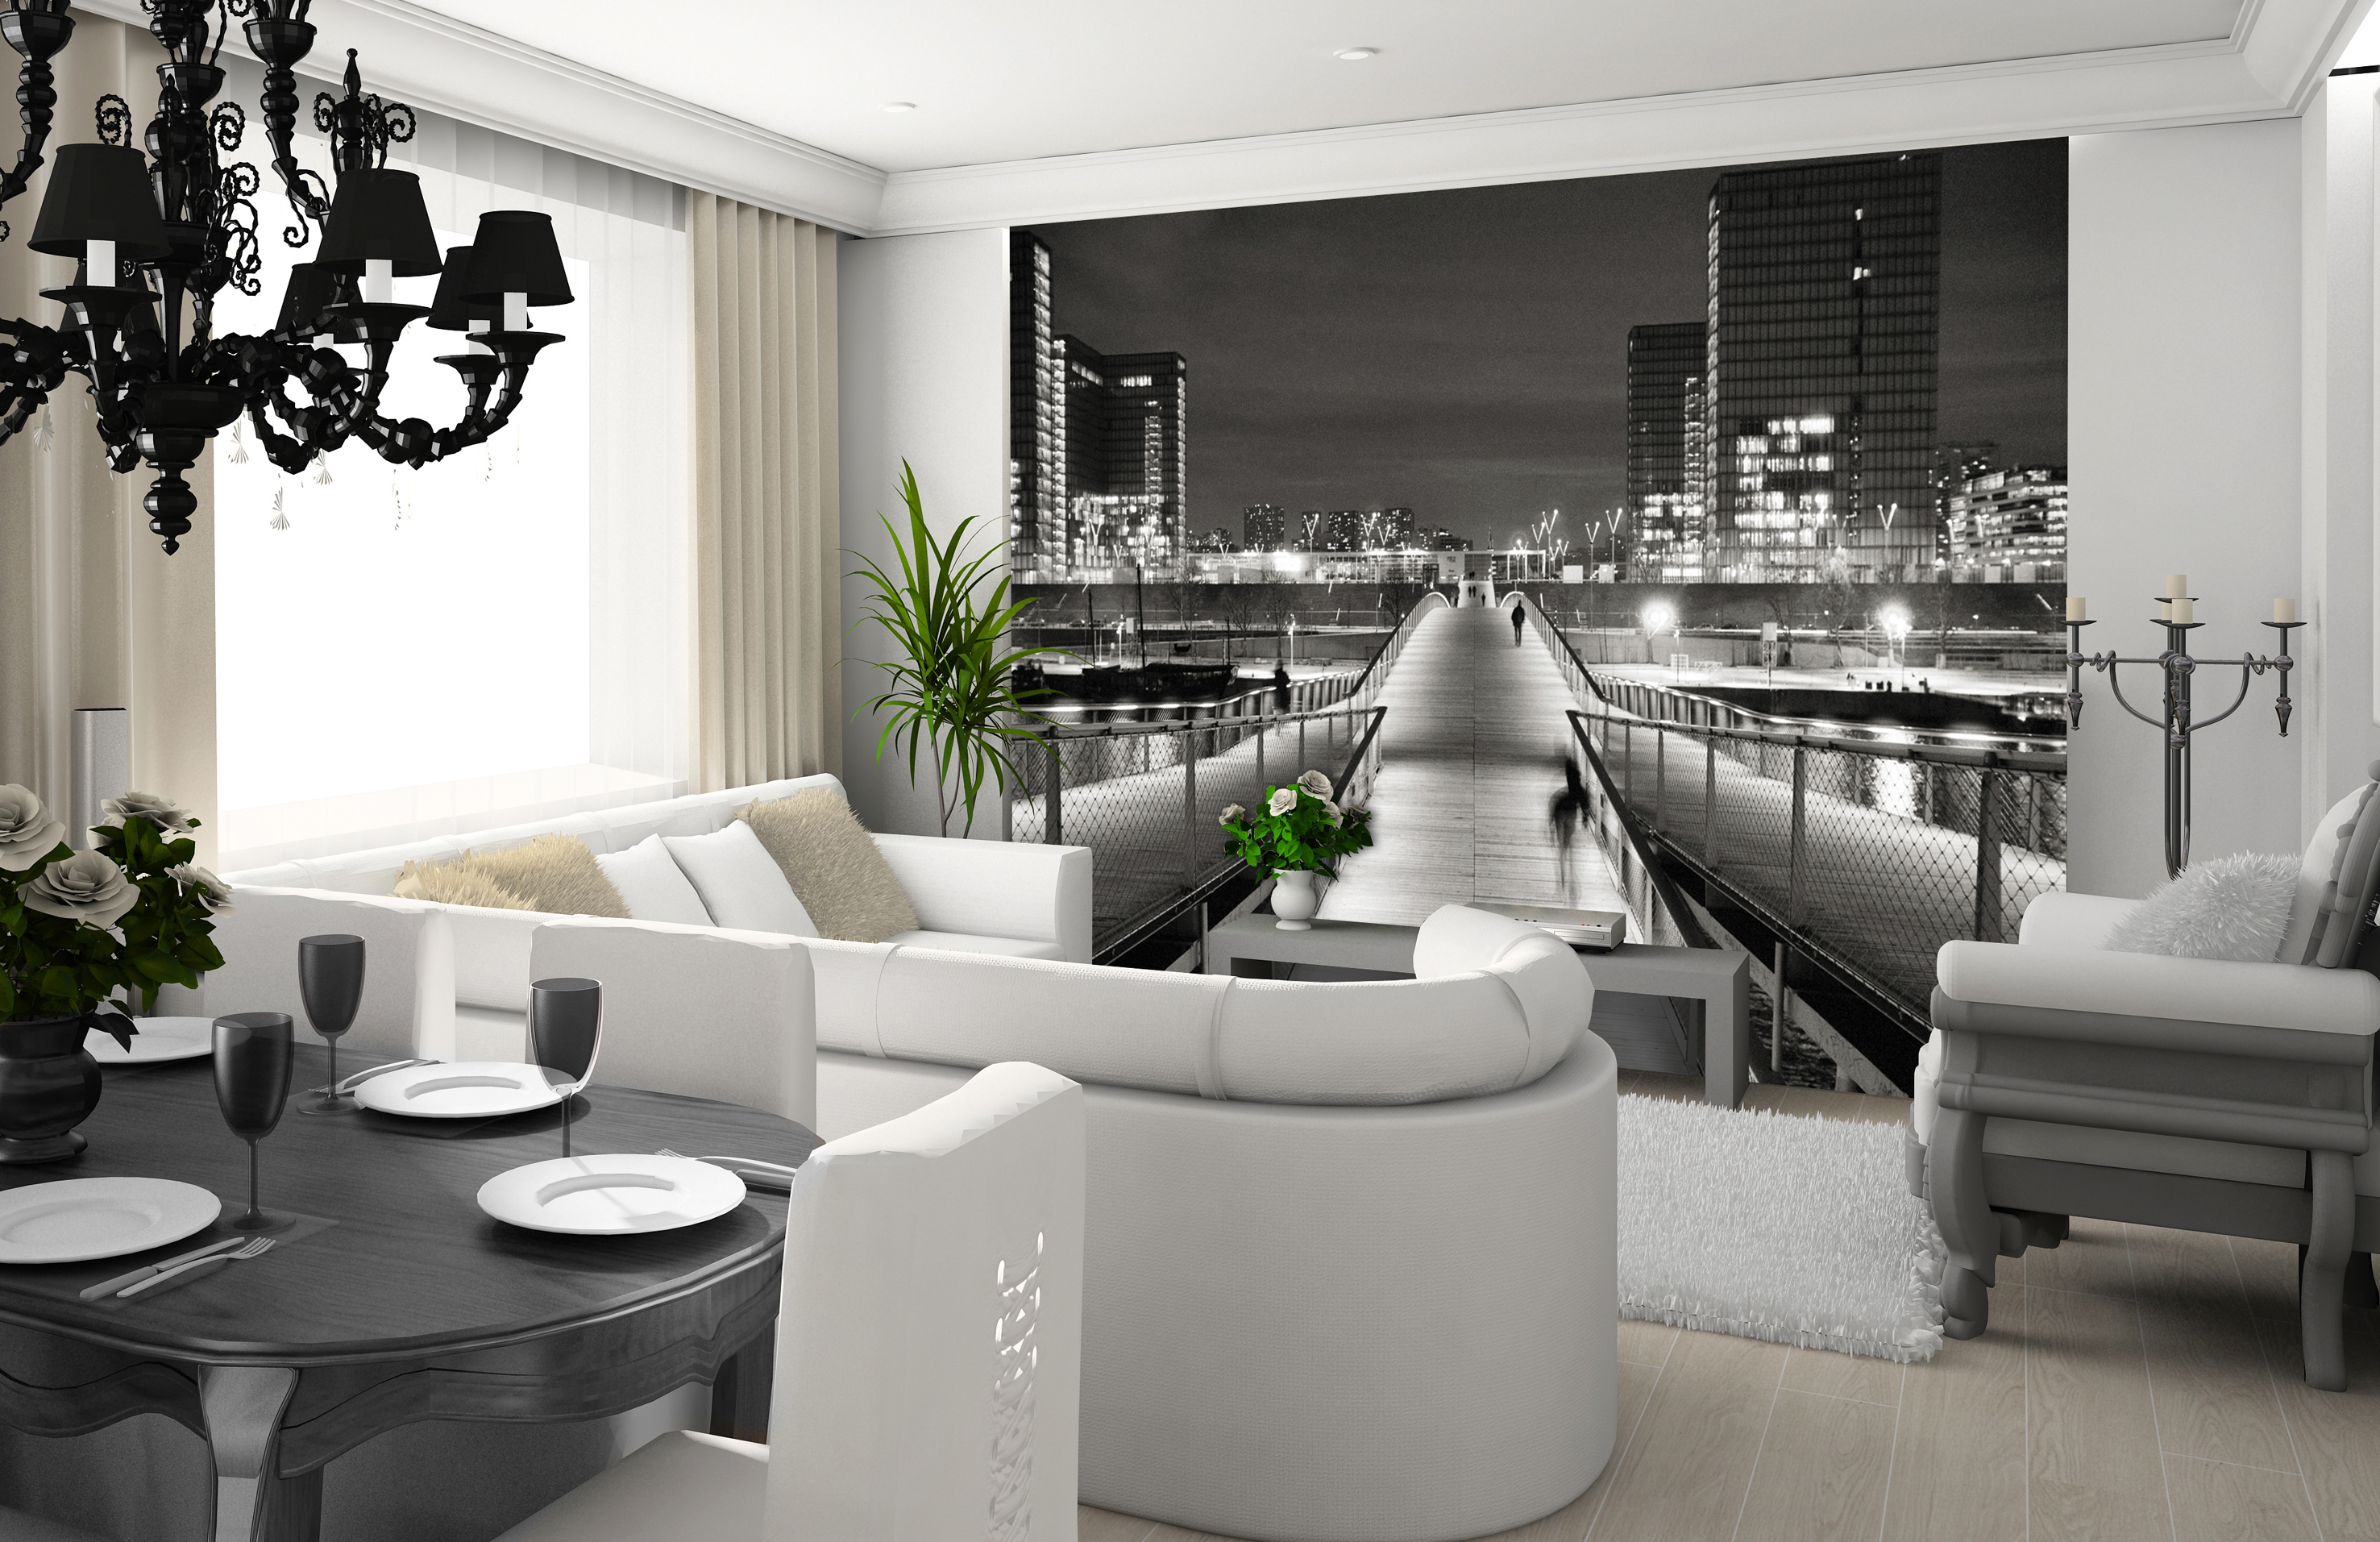 papier peint repositionnable moove paper. Black Bedroom Furniture Sets. Home Design Ideas